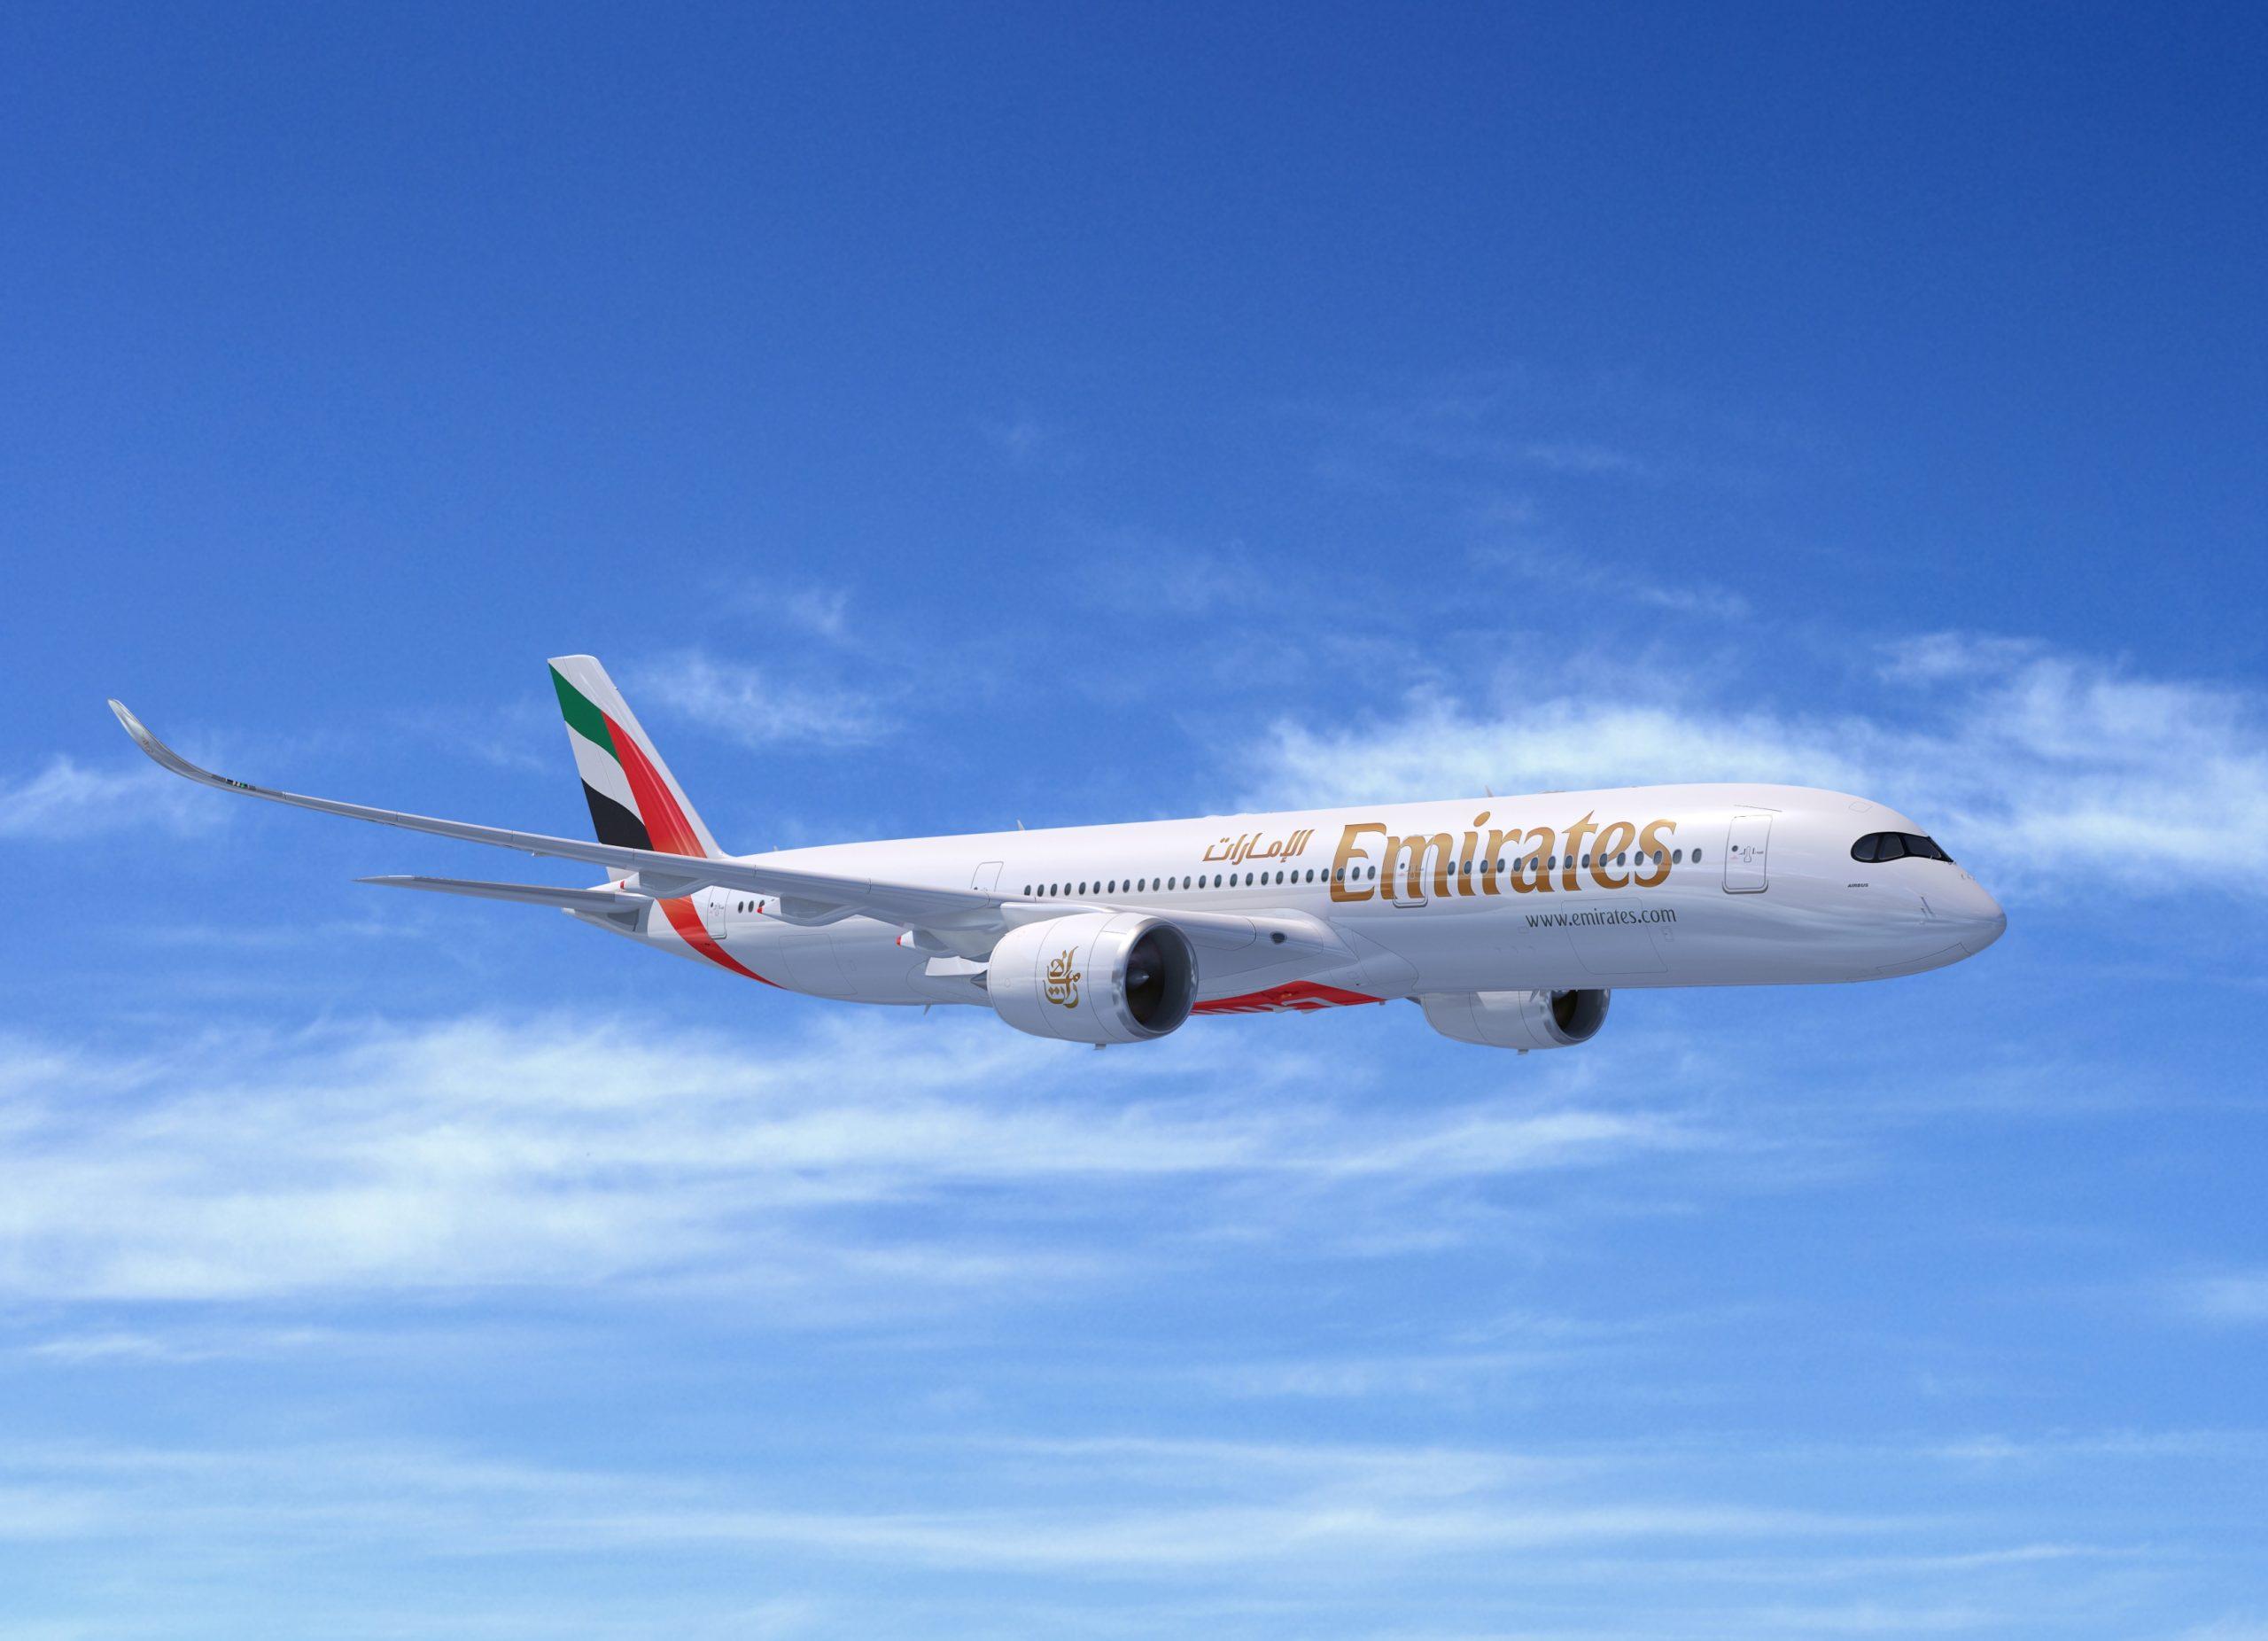 ساب السويدية تقول إن الإمارات تعتزم شراء طائرتي استطلاع